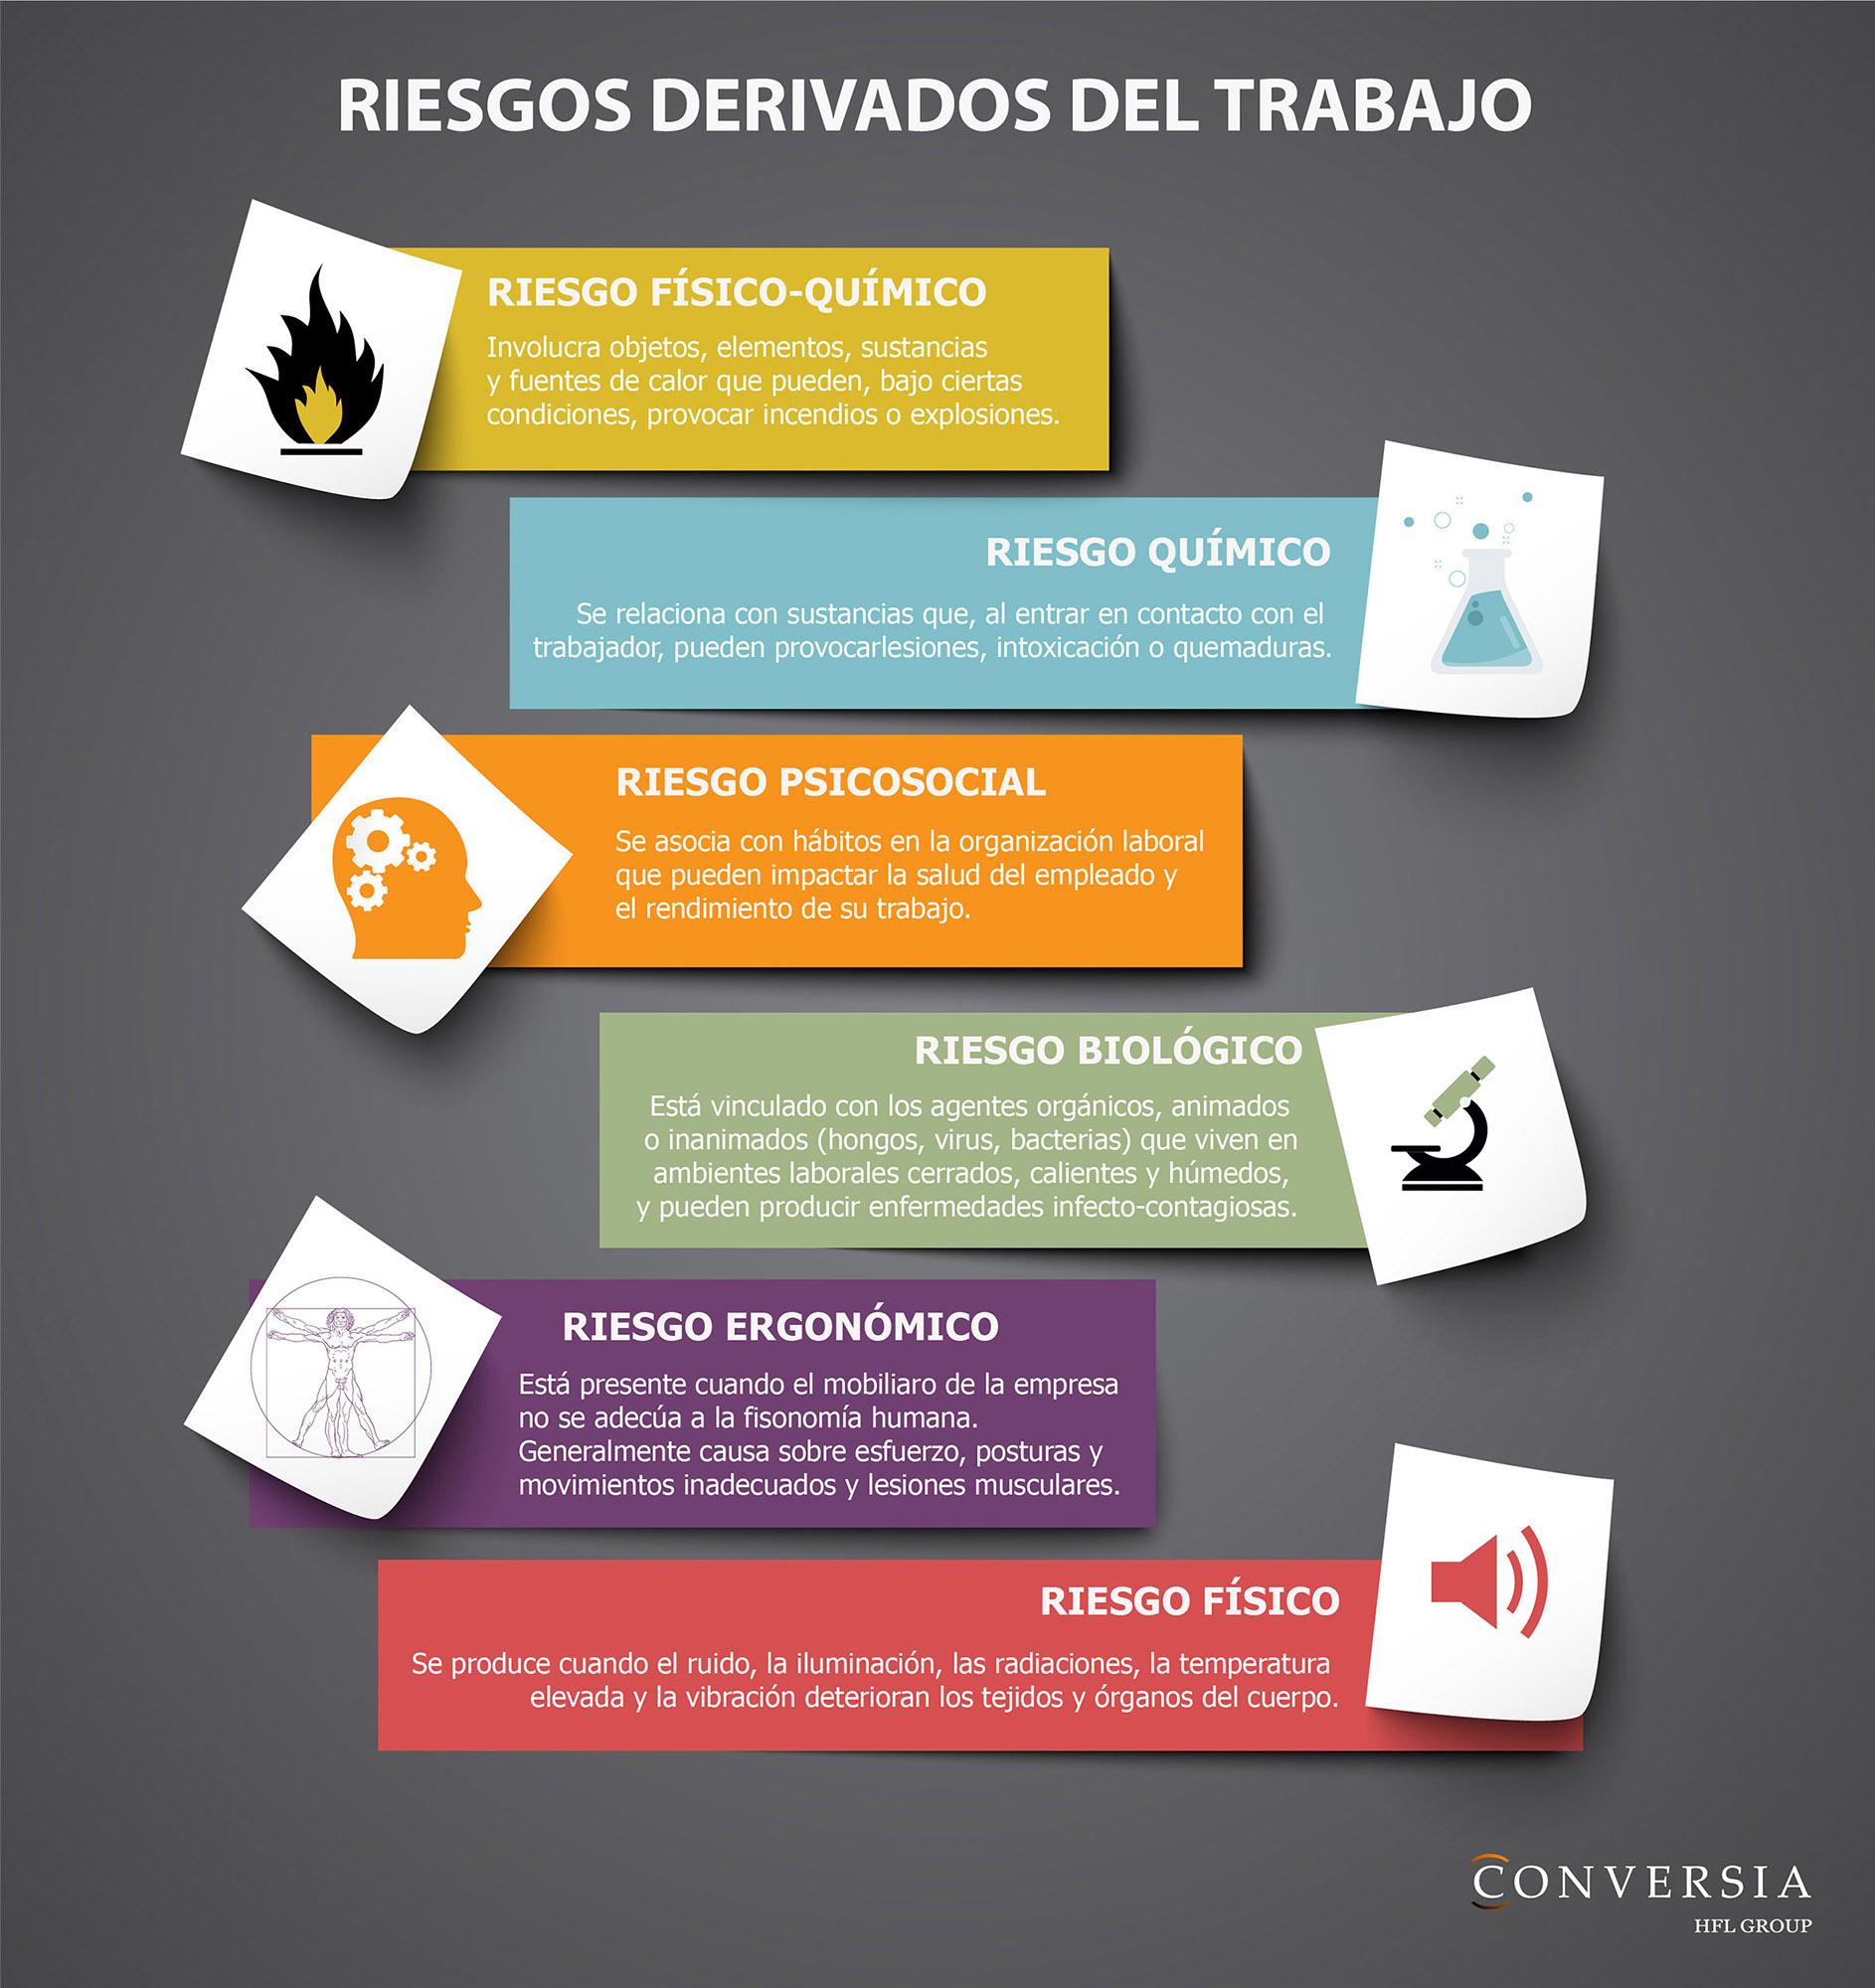 Infografía creada por Conversia sobre los problemas y riesgos laborales derivados del trabajo